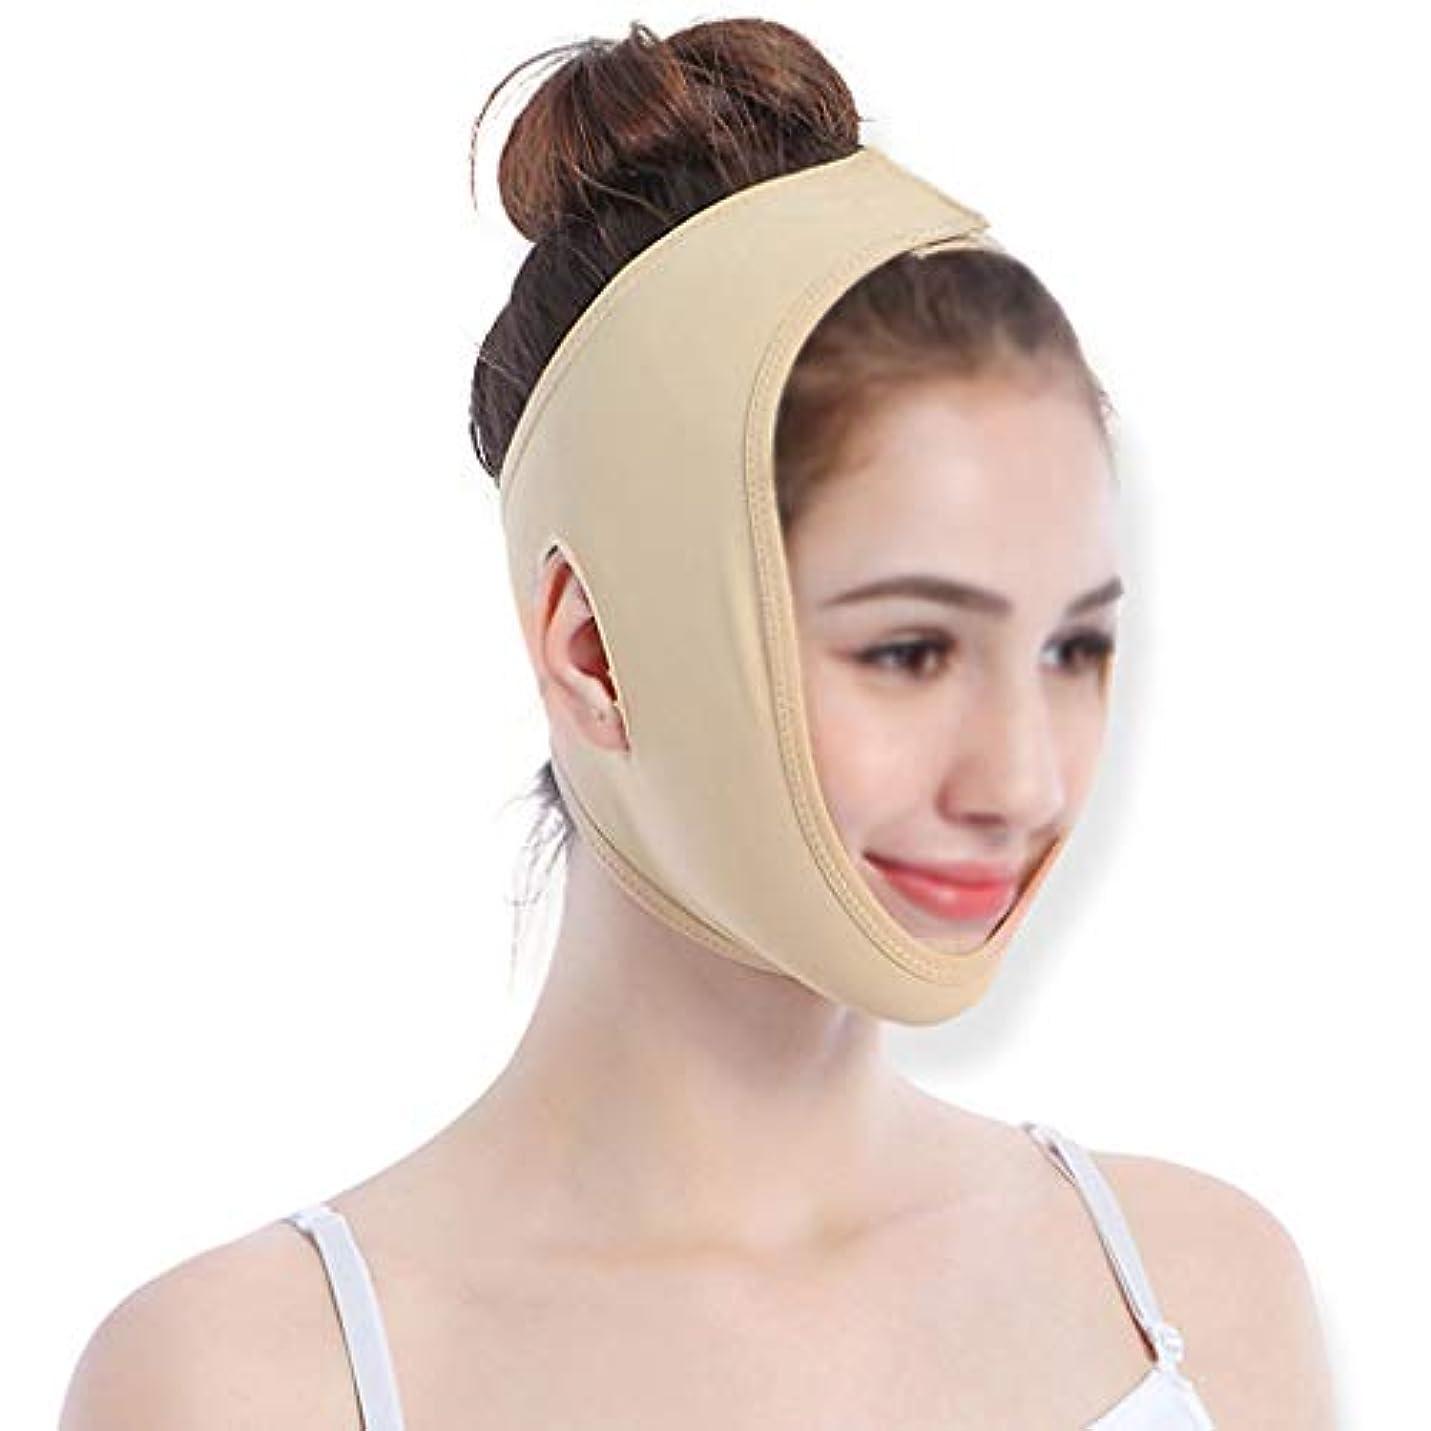 トロイの木馬アーティストやめるGLJJQMY スリムな包帯V顔の顔のアーティファクトは、女性と女性のための繊細な顔のしわ防止フェイシャルツールを向上させます 顔用整形マスク (Size : M)